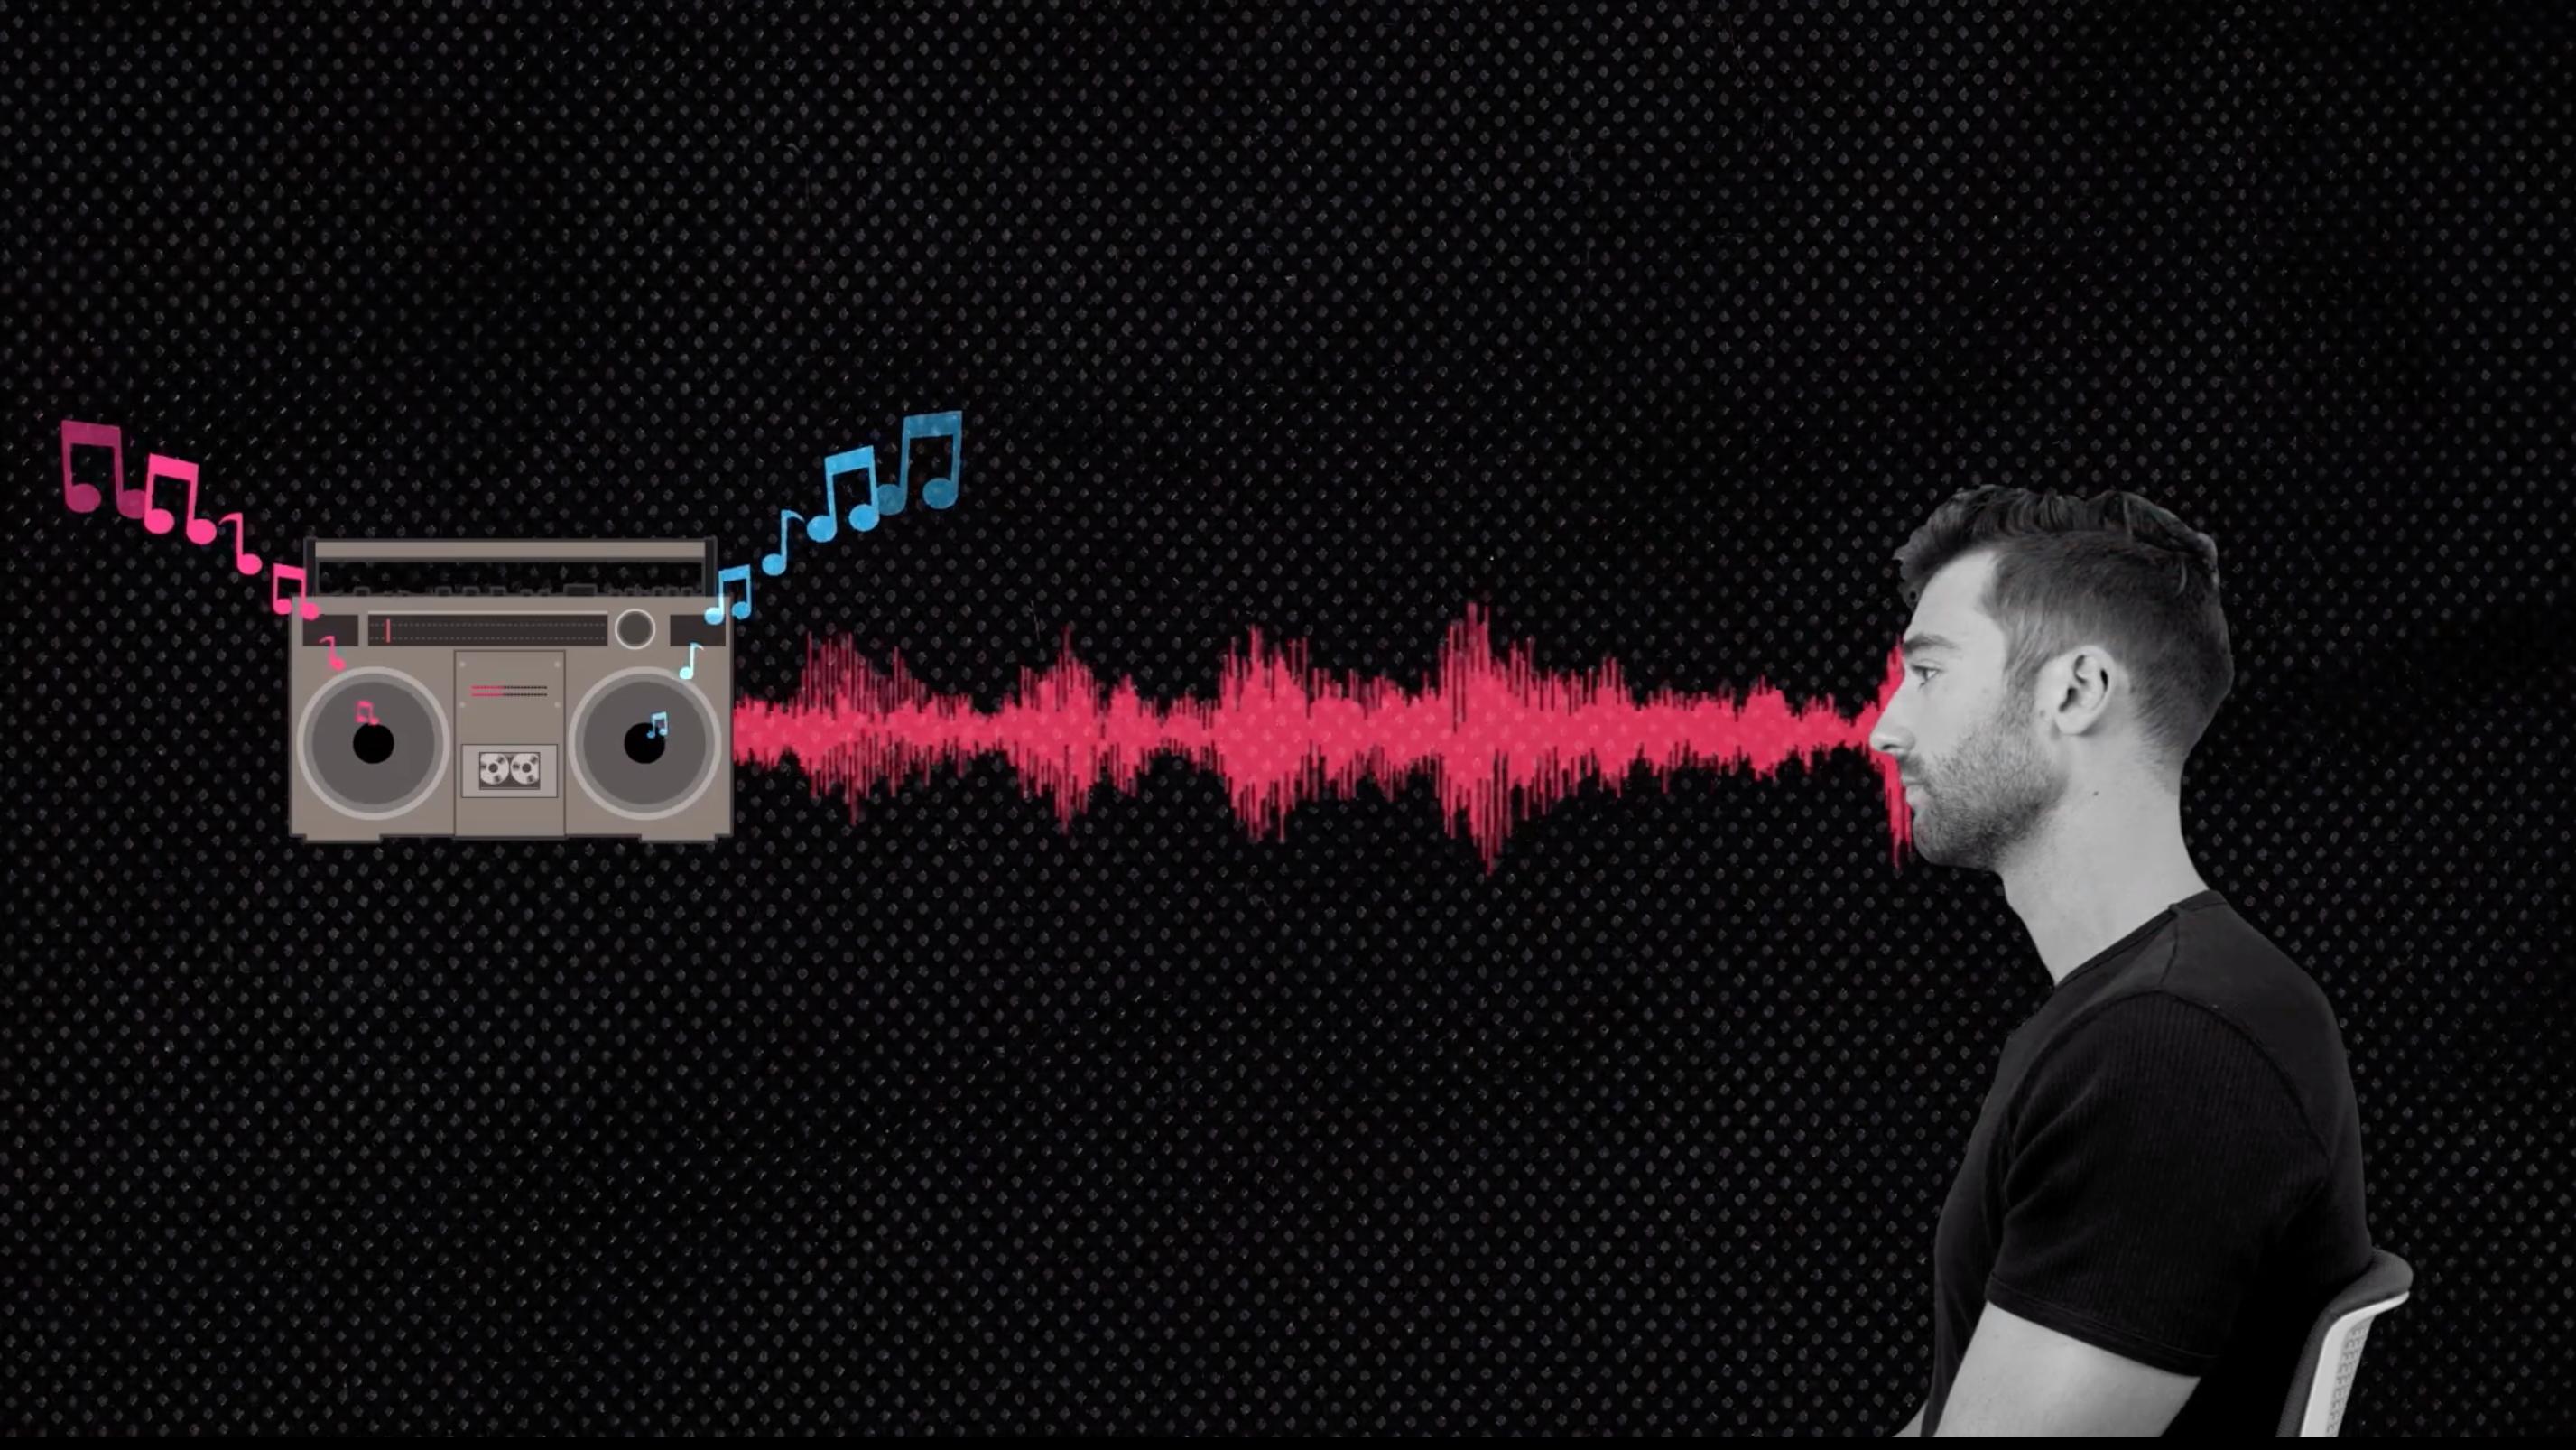 その曲を聞くと気分がよくなるのはなぜ? 機械学習で解明する新研究